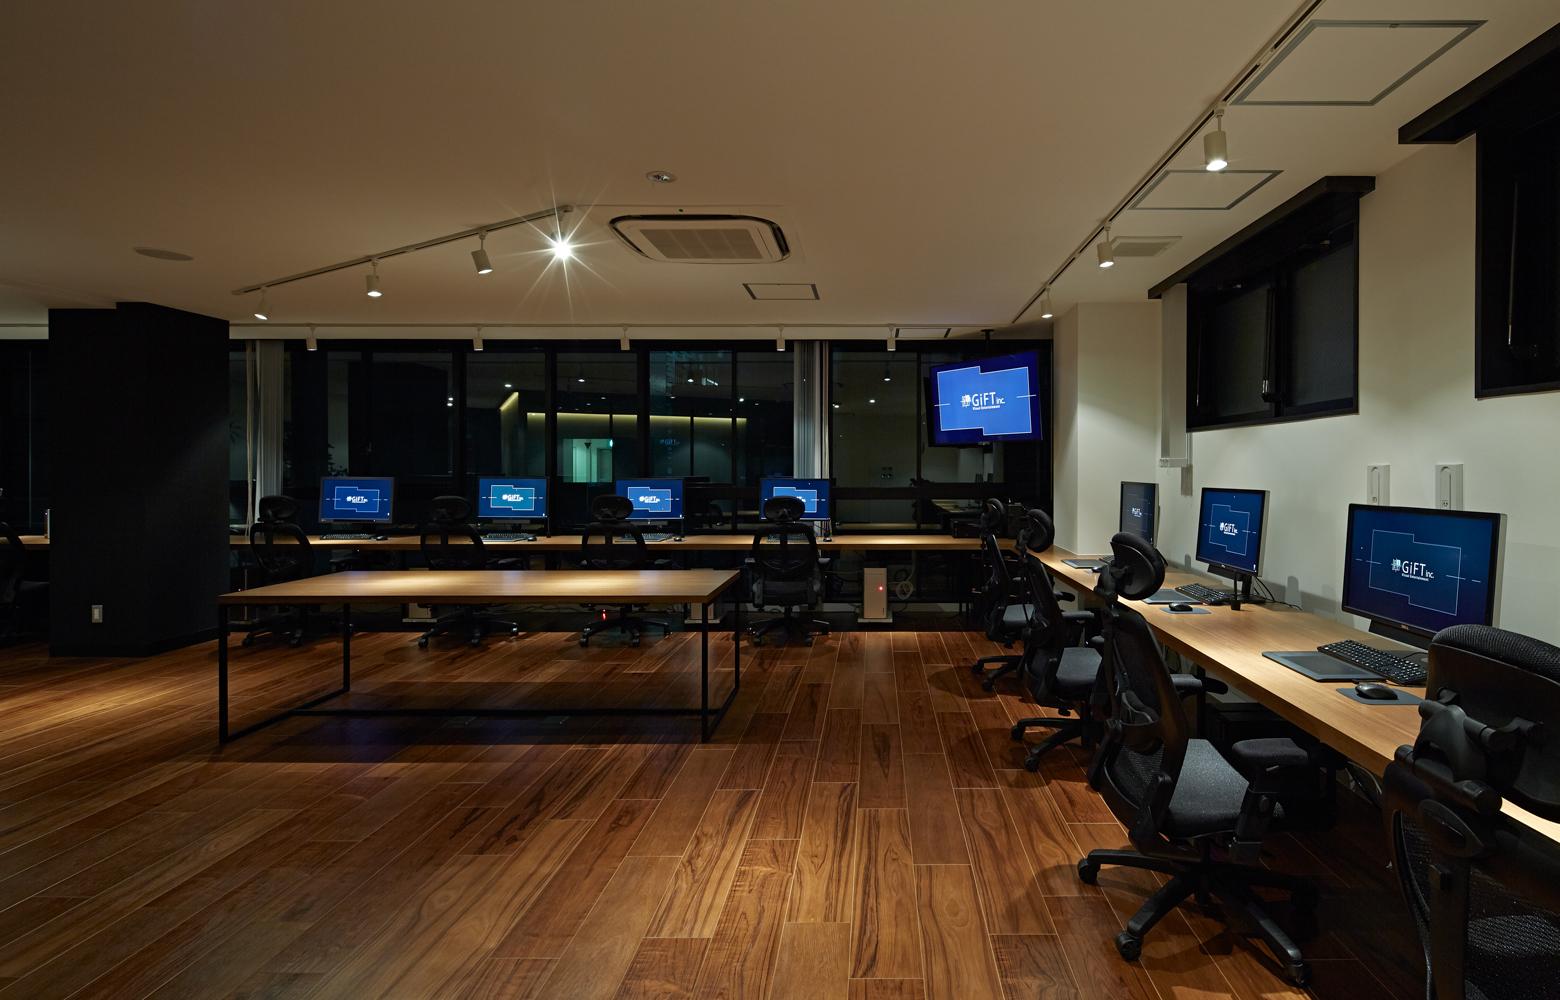 株式会社ギフト Work Space_2 デザイン・レイアウト事例